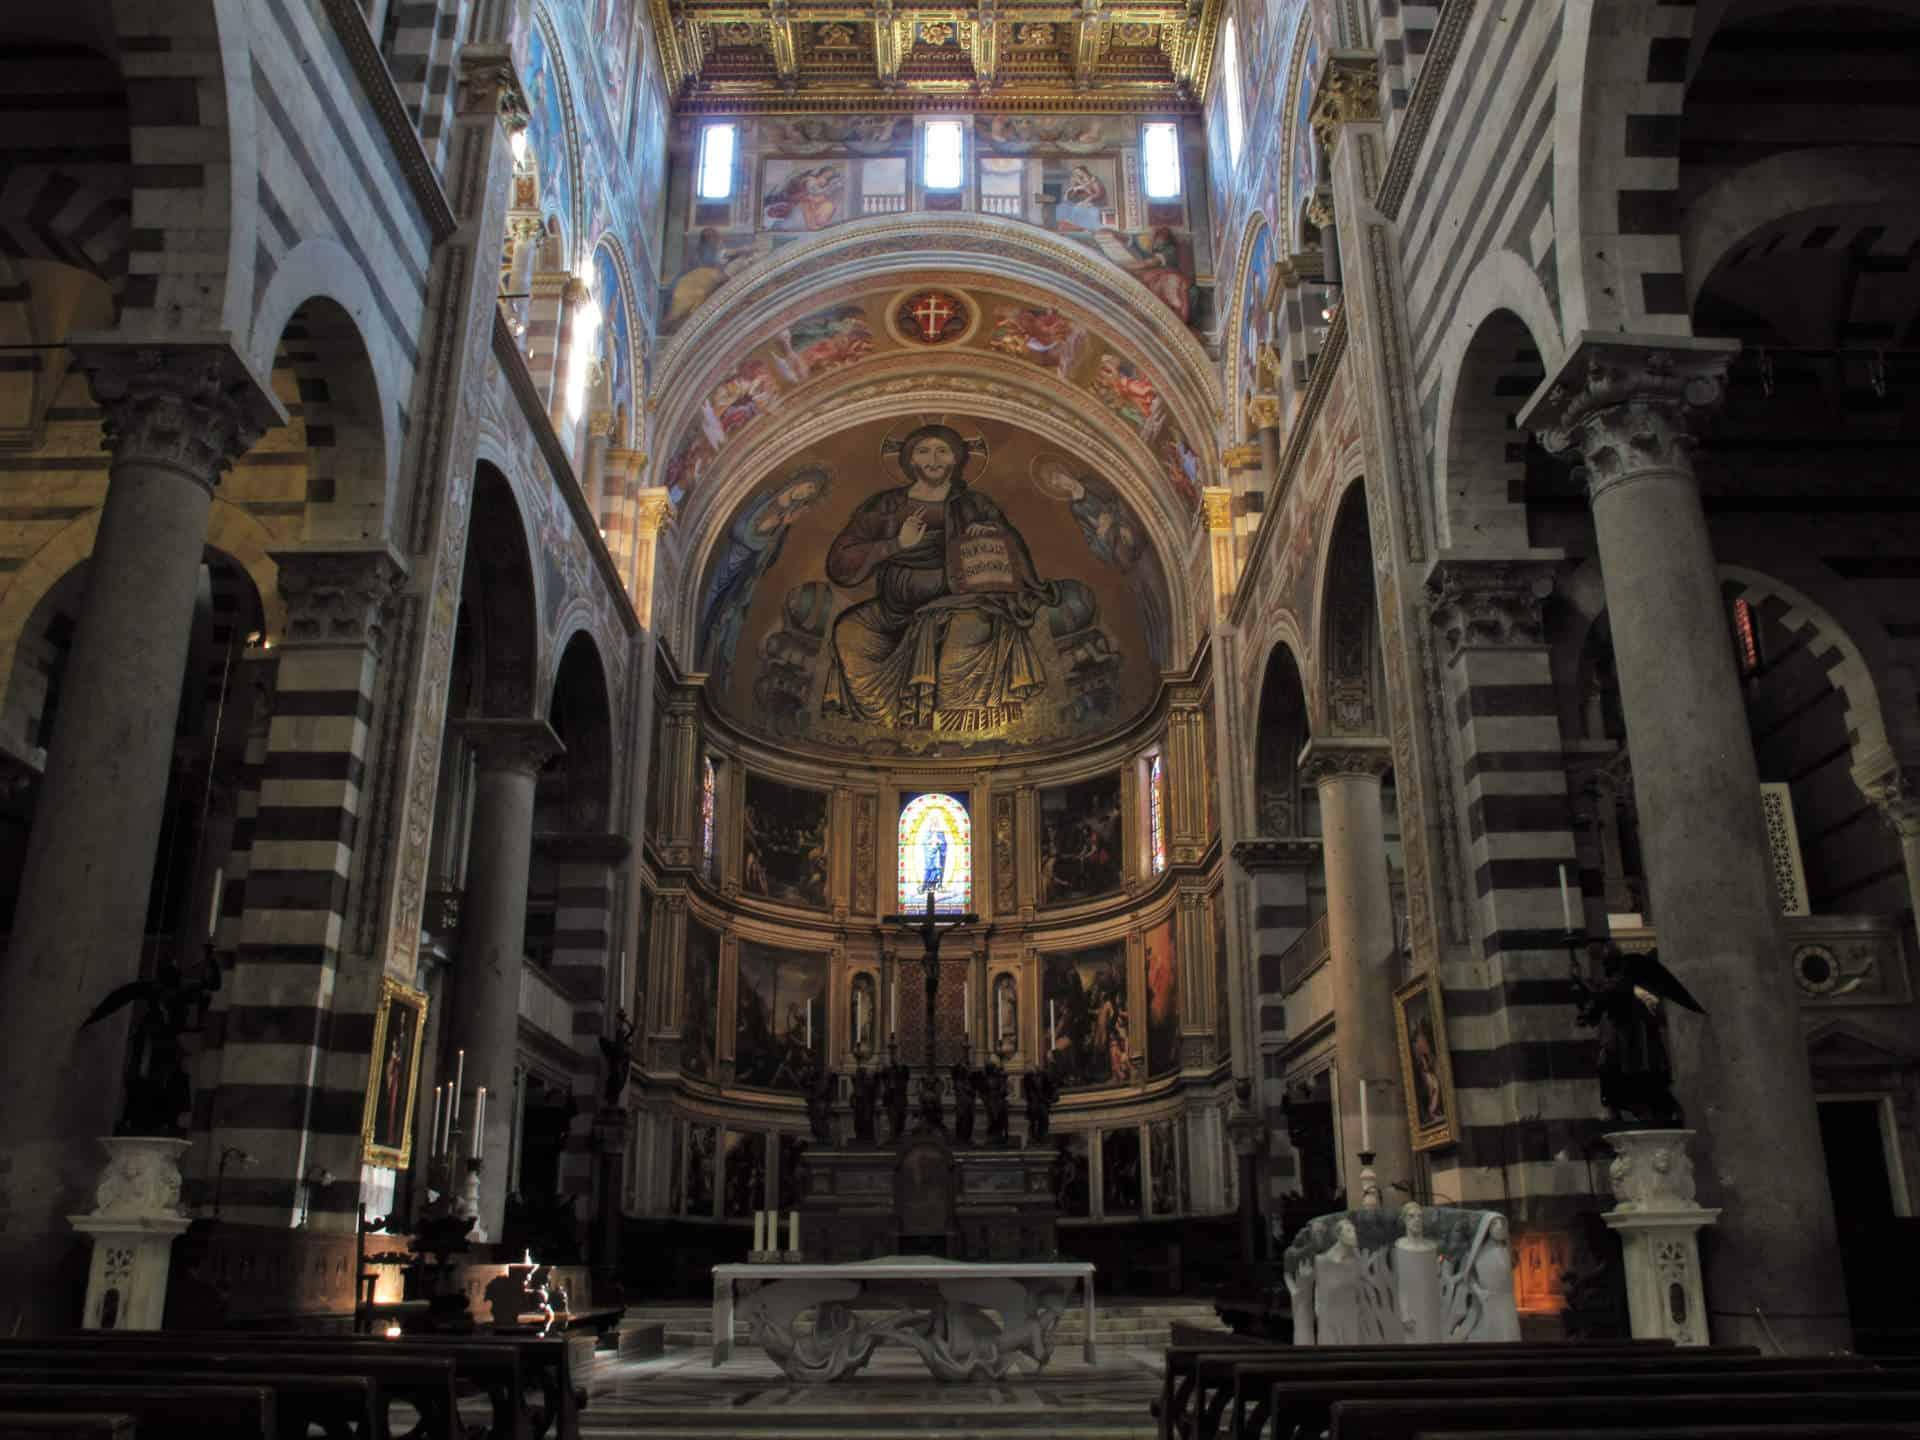 ekiros-visita-guidata-piazza-dei-miracoli-interno-cattedrale